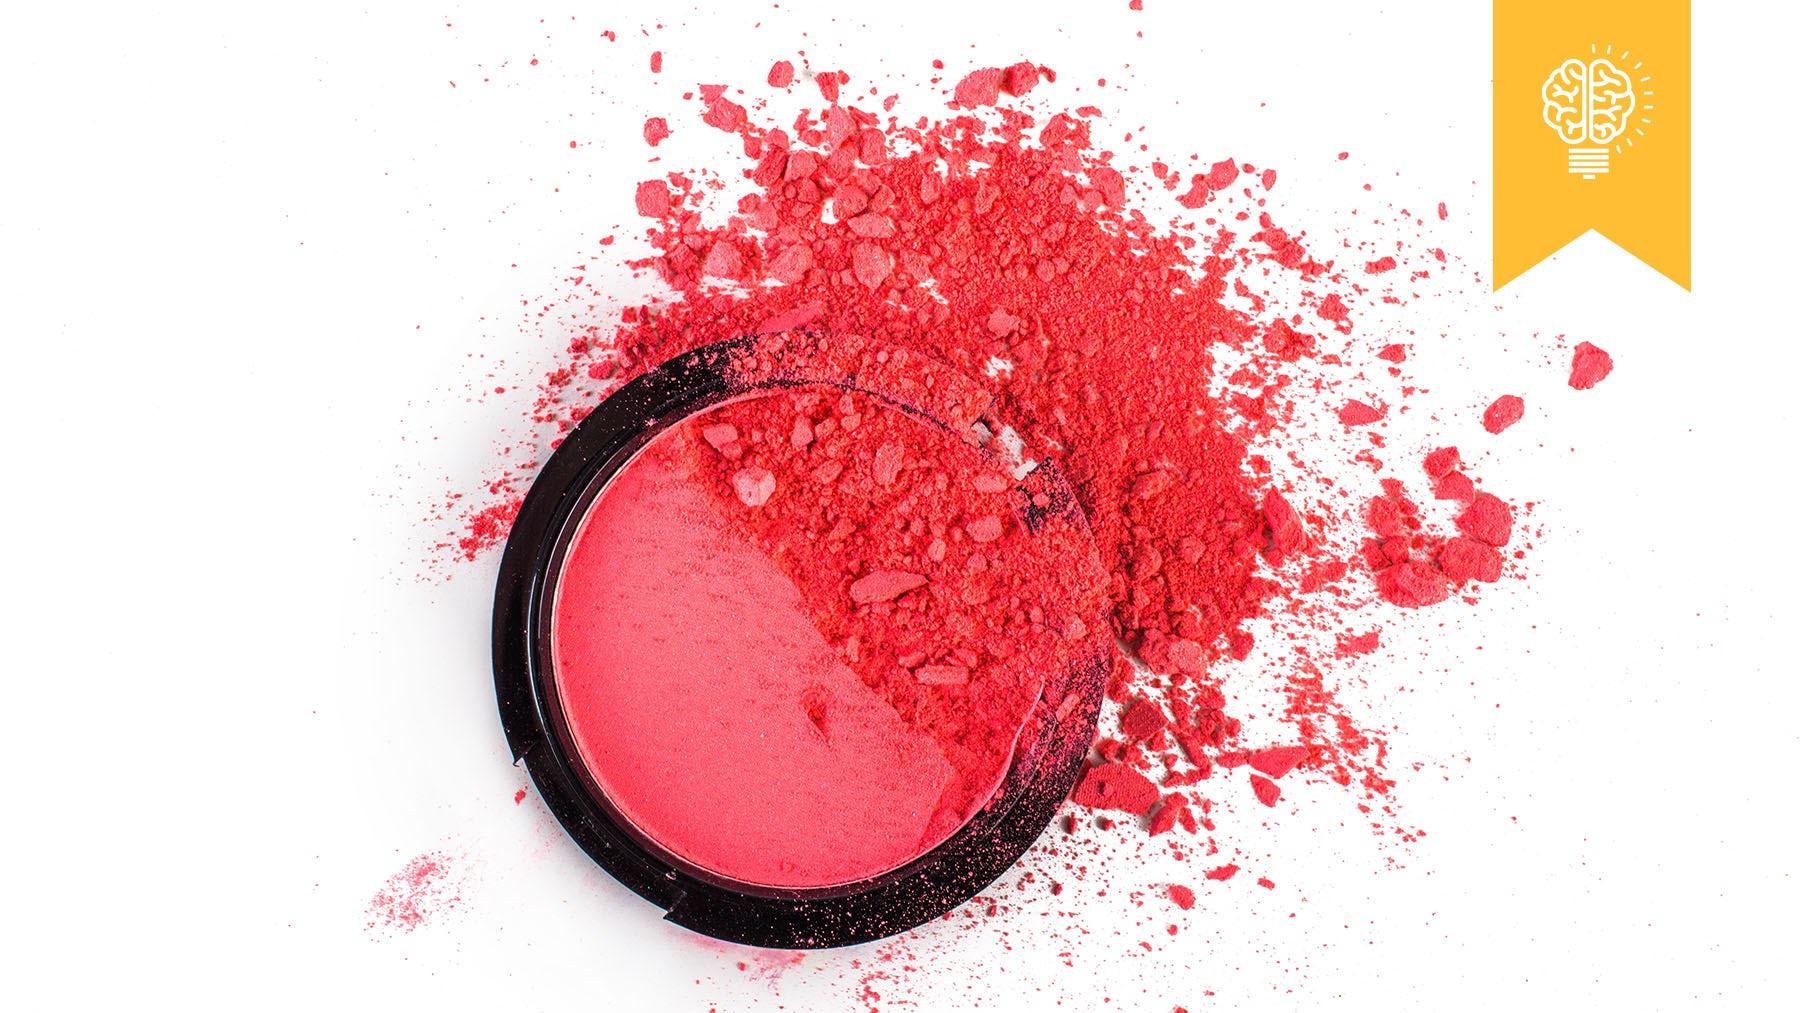 Broken cosmetics   Source: Shutterstock